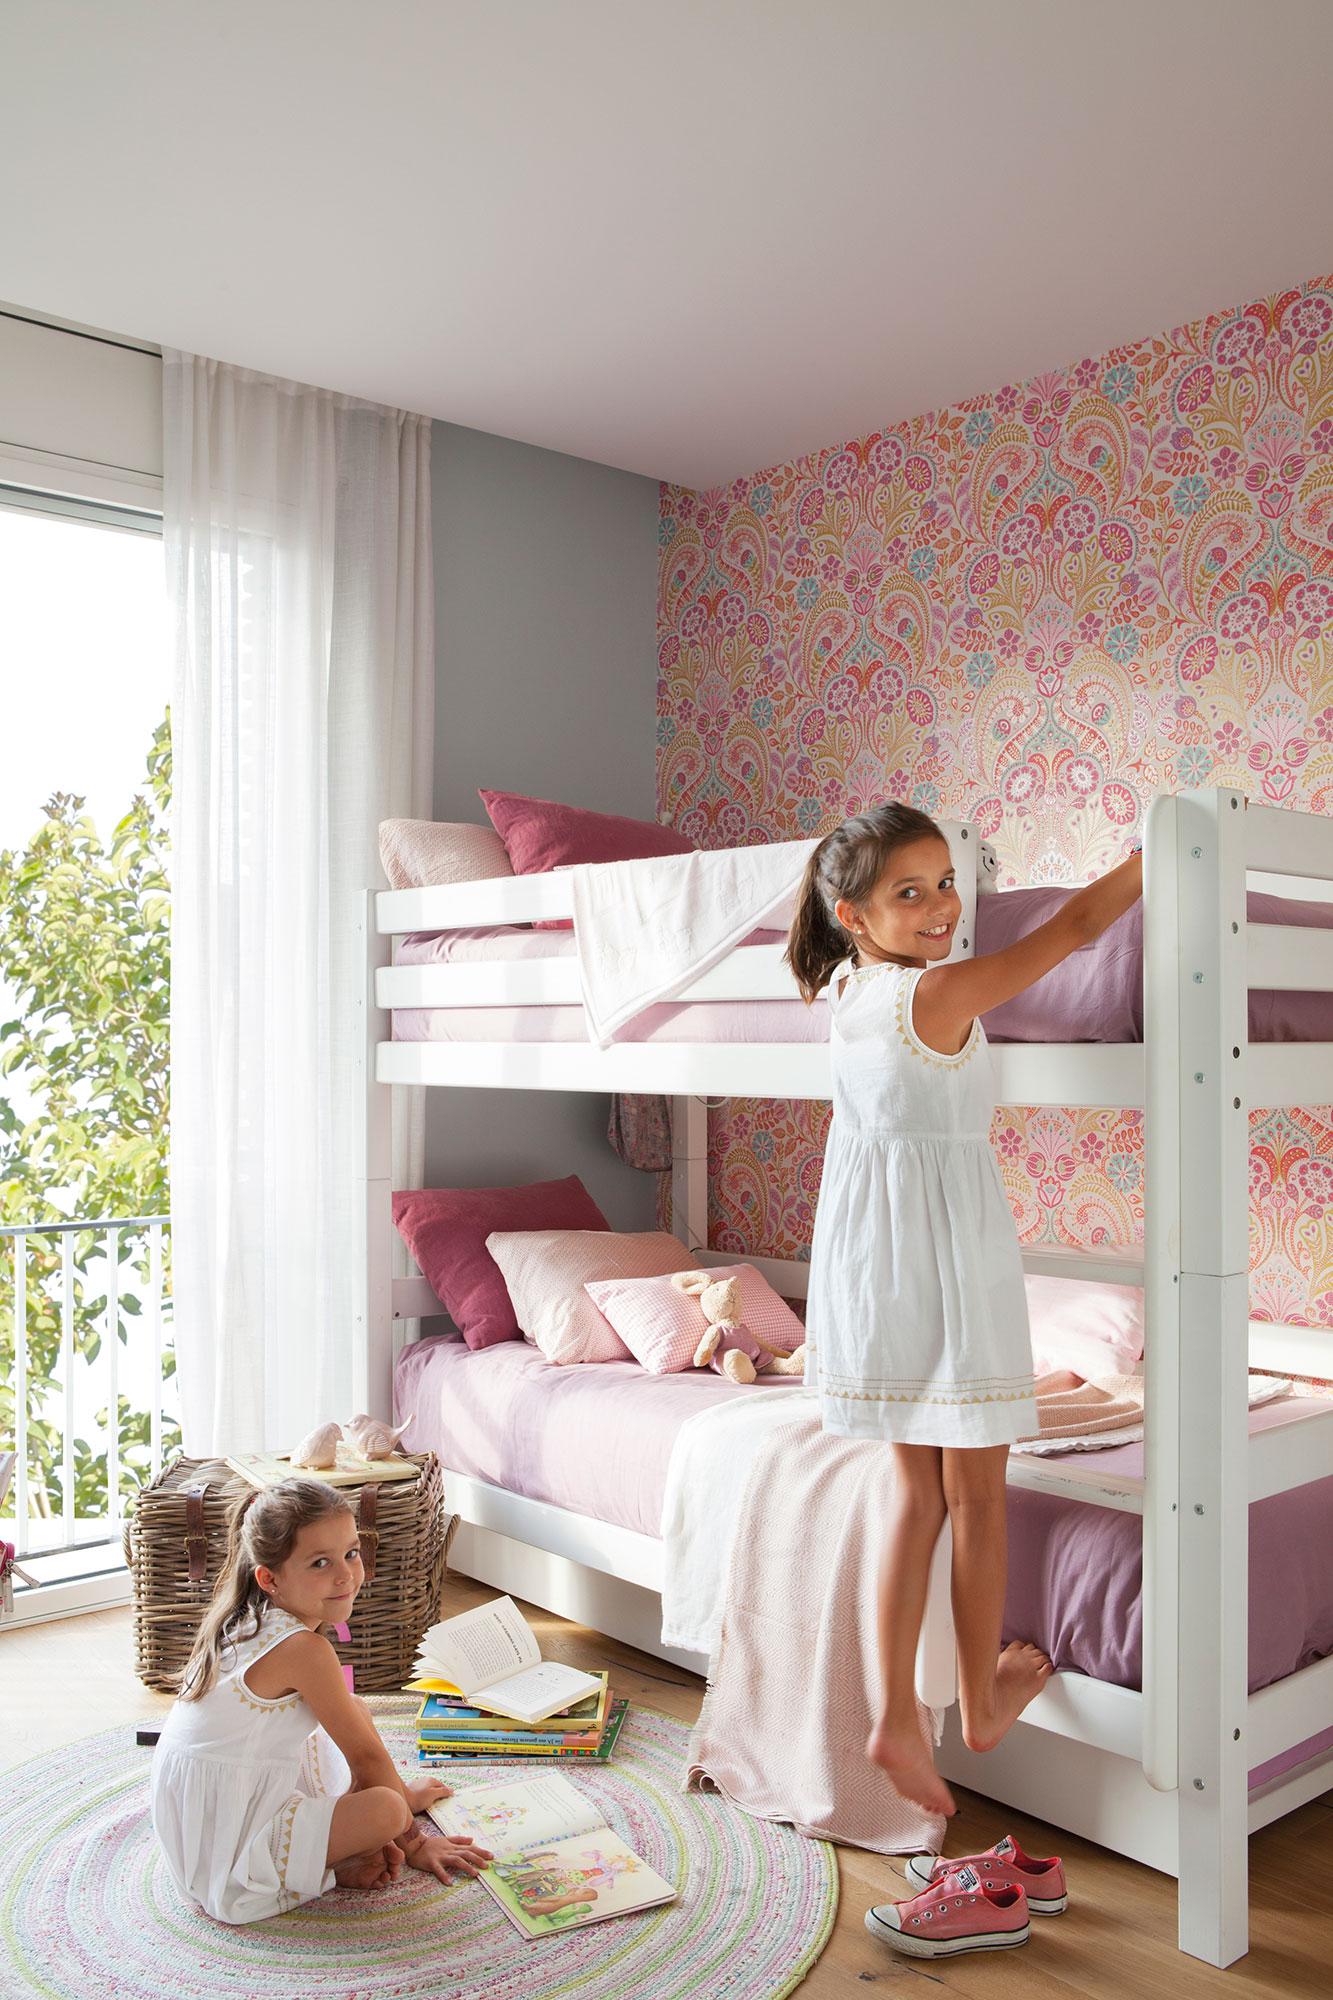 claves para decorar la habitaci n de los ni os de beb a